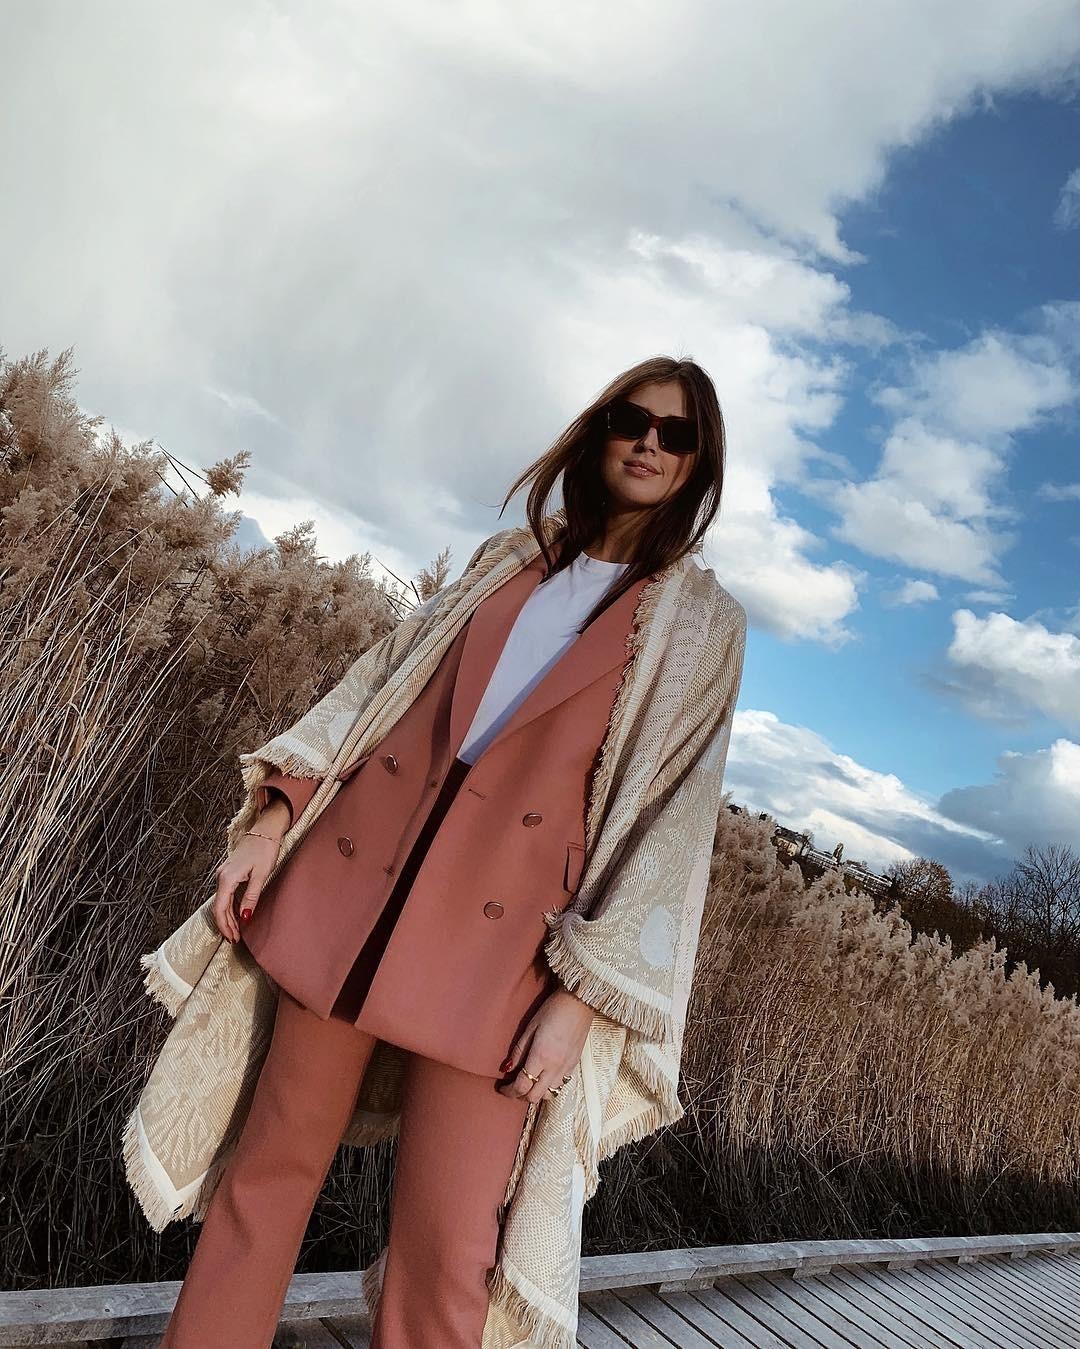 Многослойность мы любим не только холодной зимой, но и в теплое время года. Когда в пальто уже жарко, а без него еще холодно, легкое пончо из шерсти или кашемира — хорошая замена.   Ты мо...